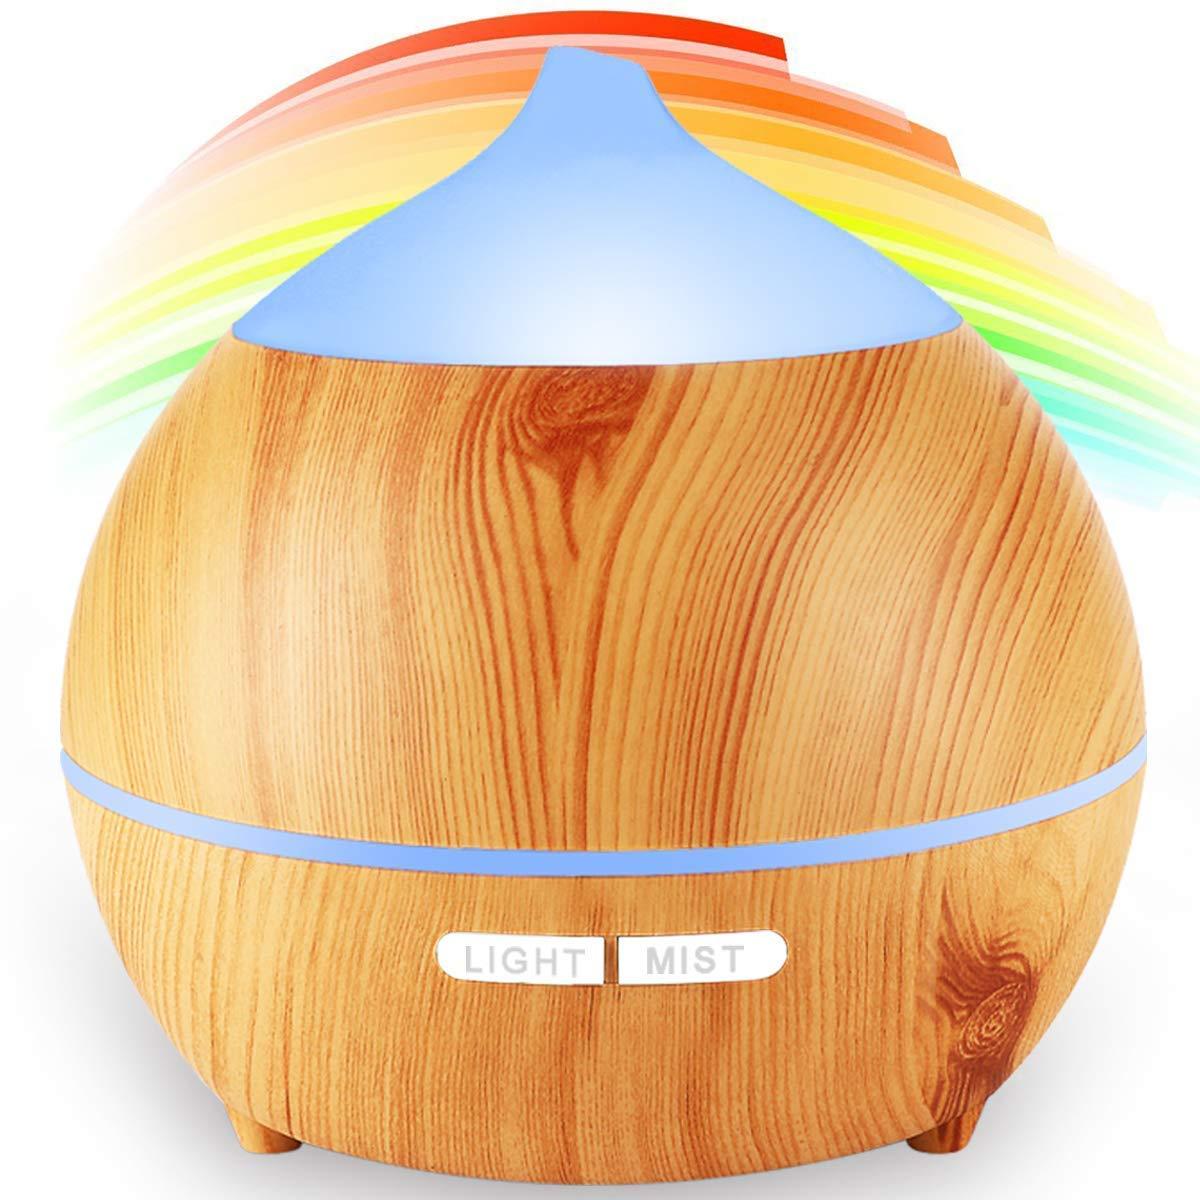 Yoga Casa Diffusore di Aromi,avaspot 250 ml ultrasonico aromatico grana di legno umidificatore d aria nebbia fresca aroma diffusore di profumo elettrico con 7-couleurs cangianti per Spa Massaggio